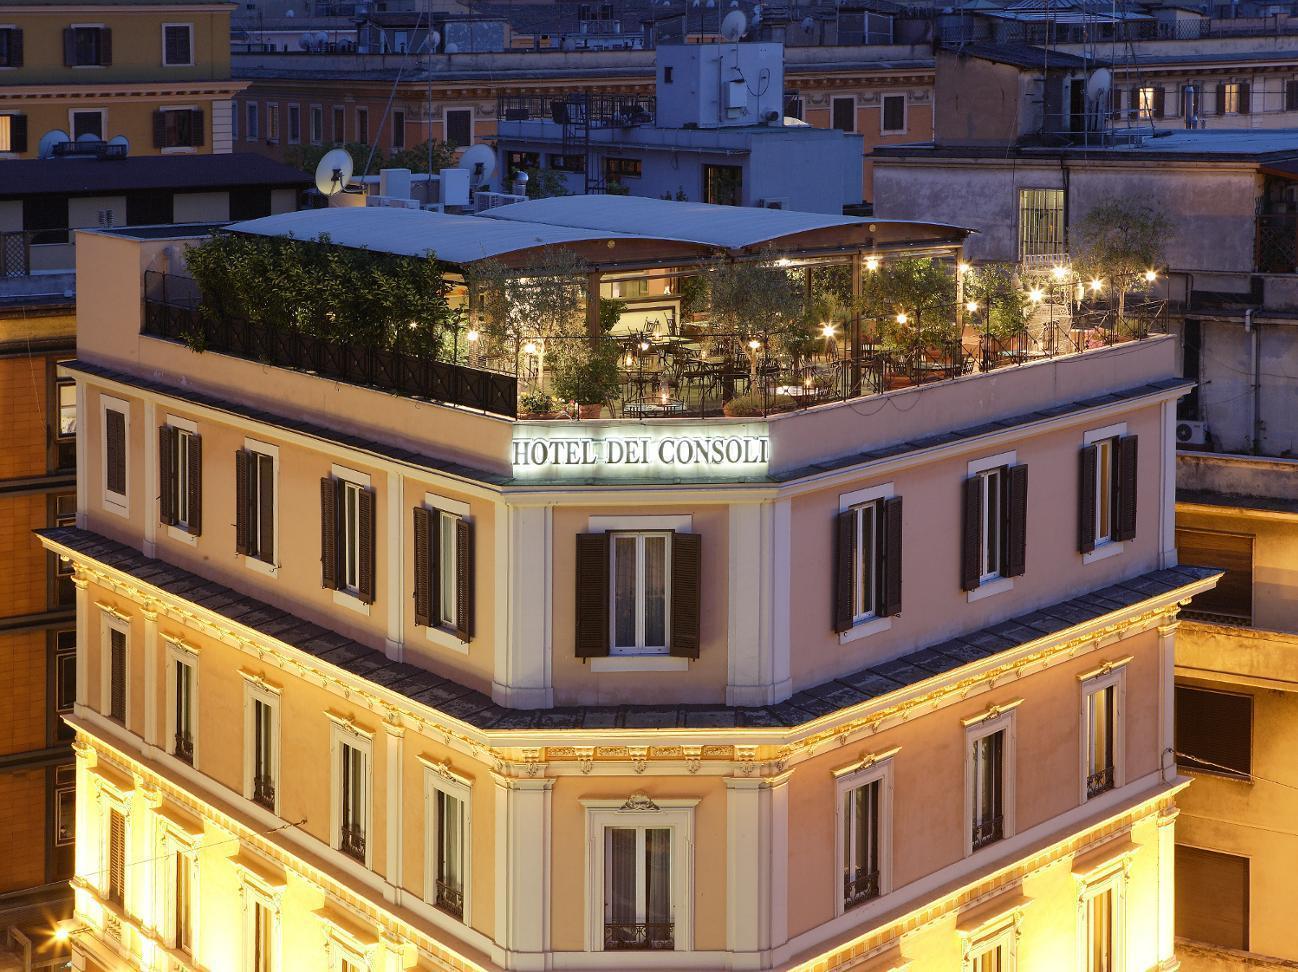 Hotel Dei Consoli Rome - Exterior